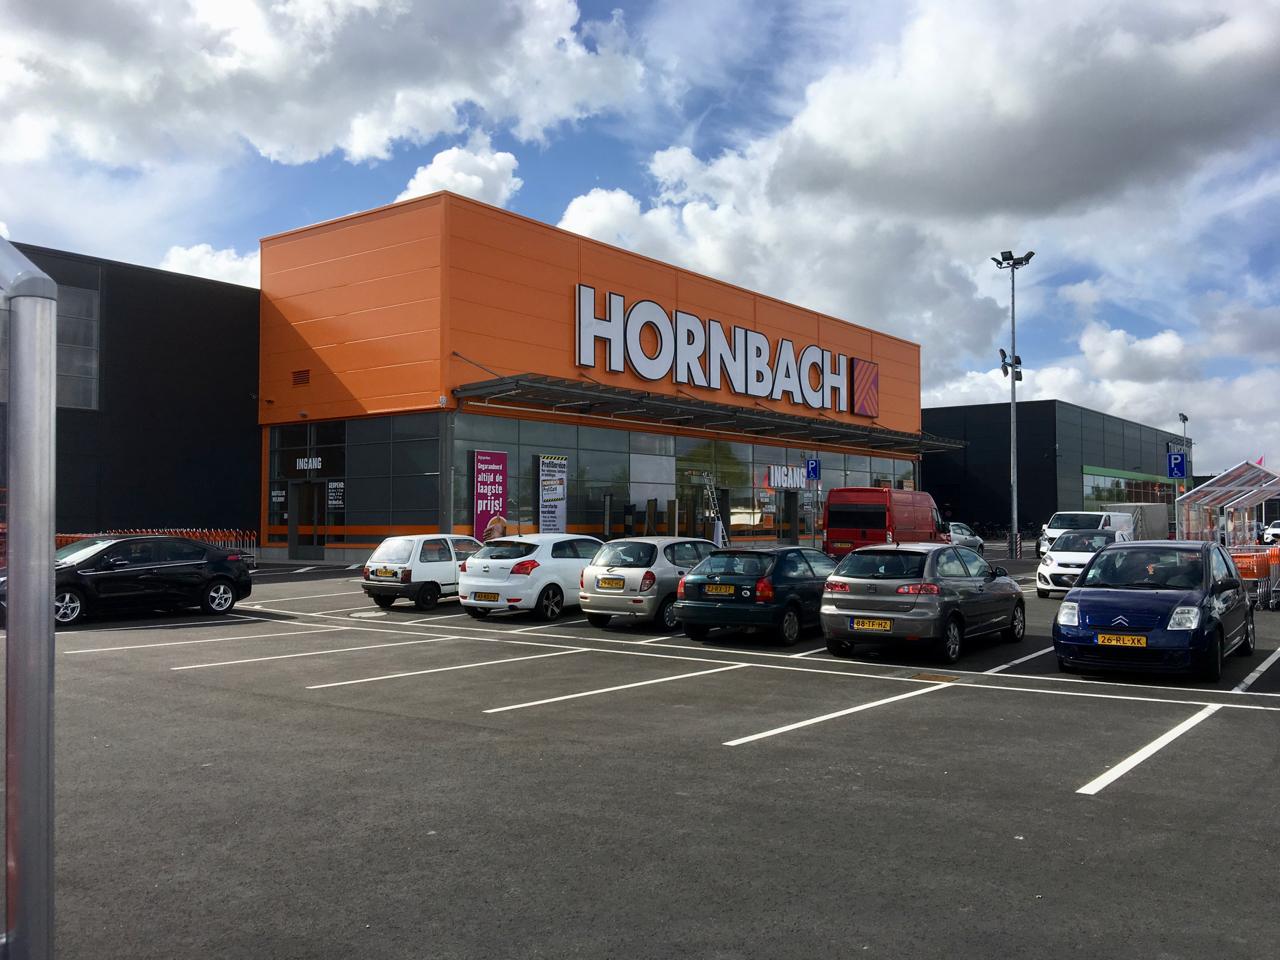 Hornbach opent nieuwe vestiging met 'Drive In' langs A13